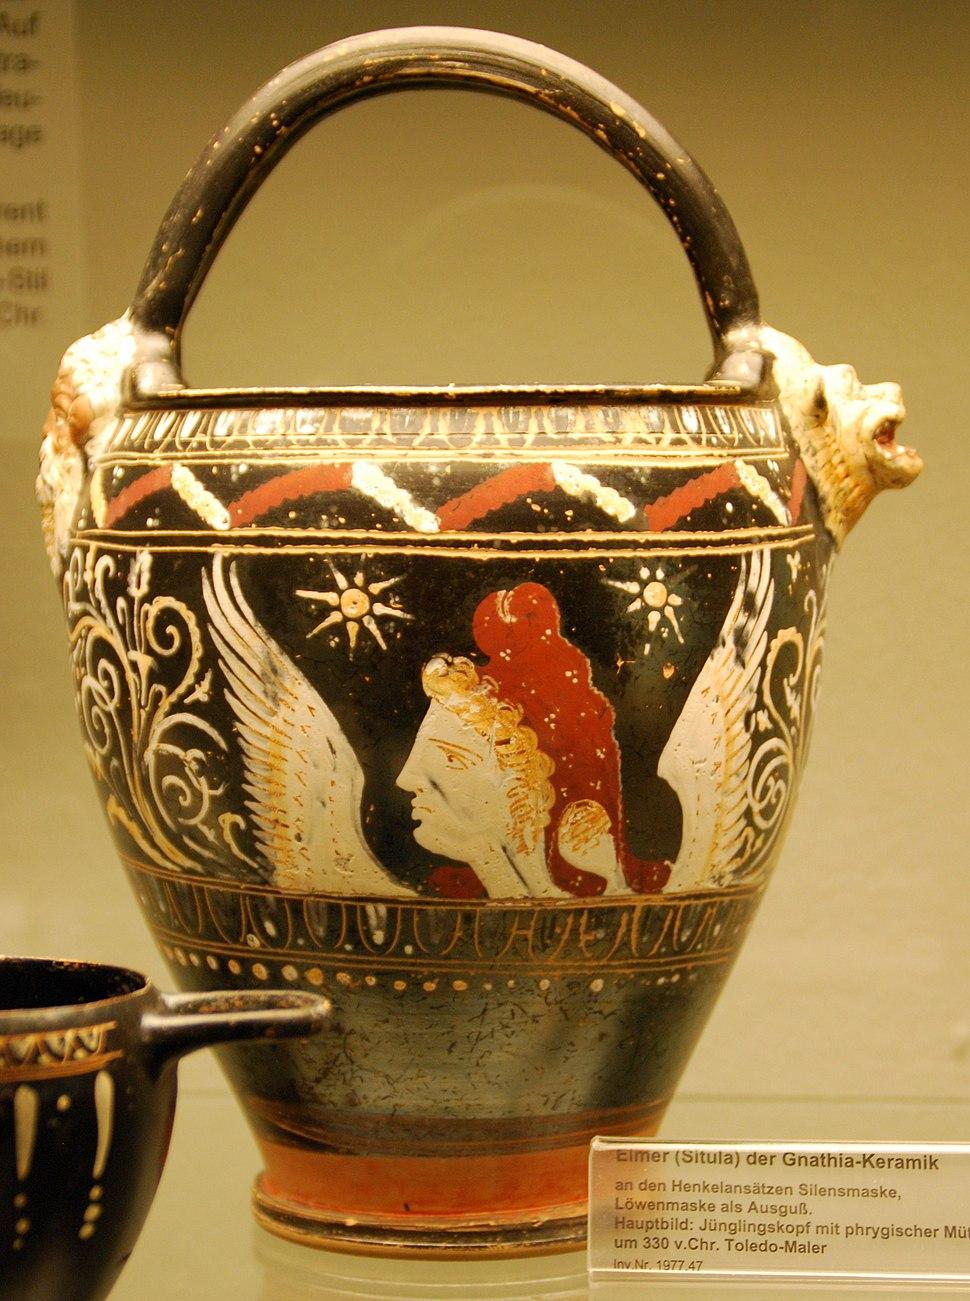 Greek Antiquities in the Museum August Kestner 339